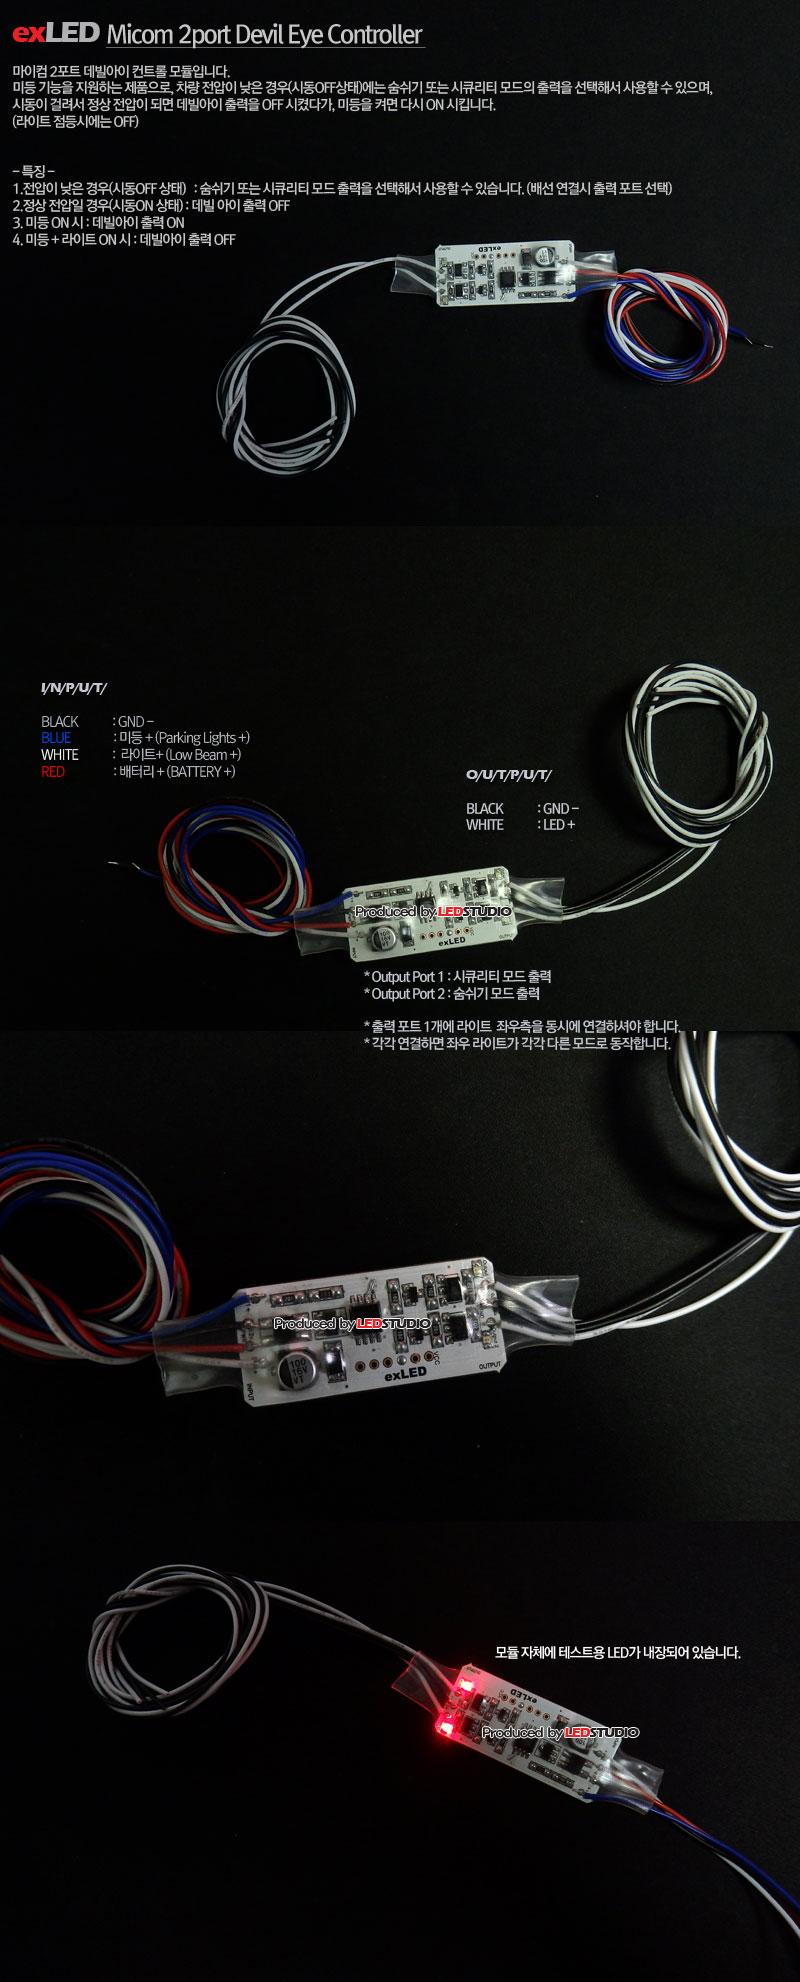 exLED 마이컴 2포트 데빌아이 컨트롤 모듈 (시동감지/미등기능+라이트OFF 지원)